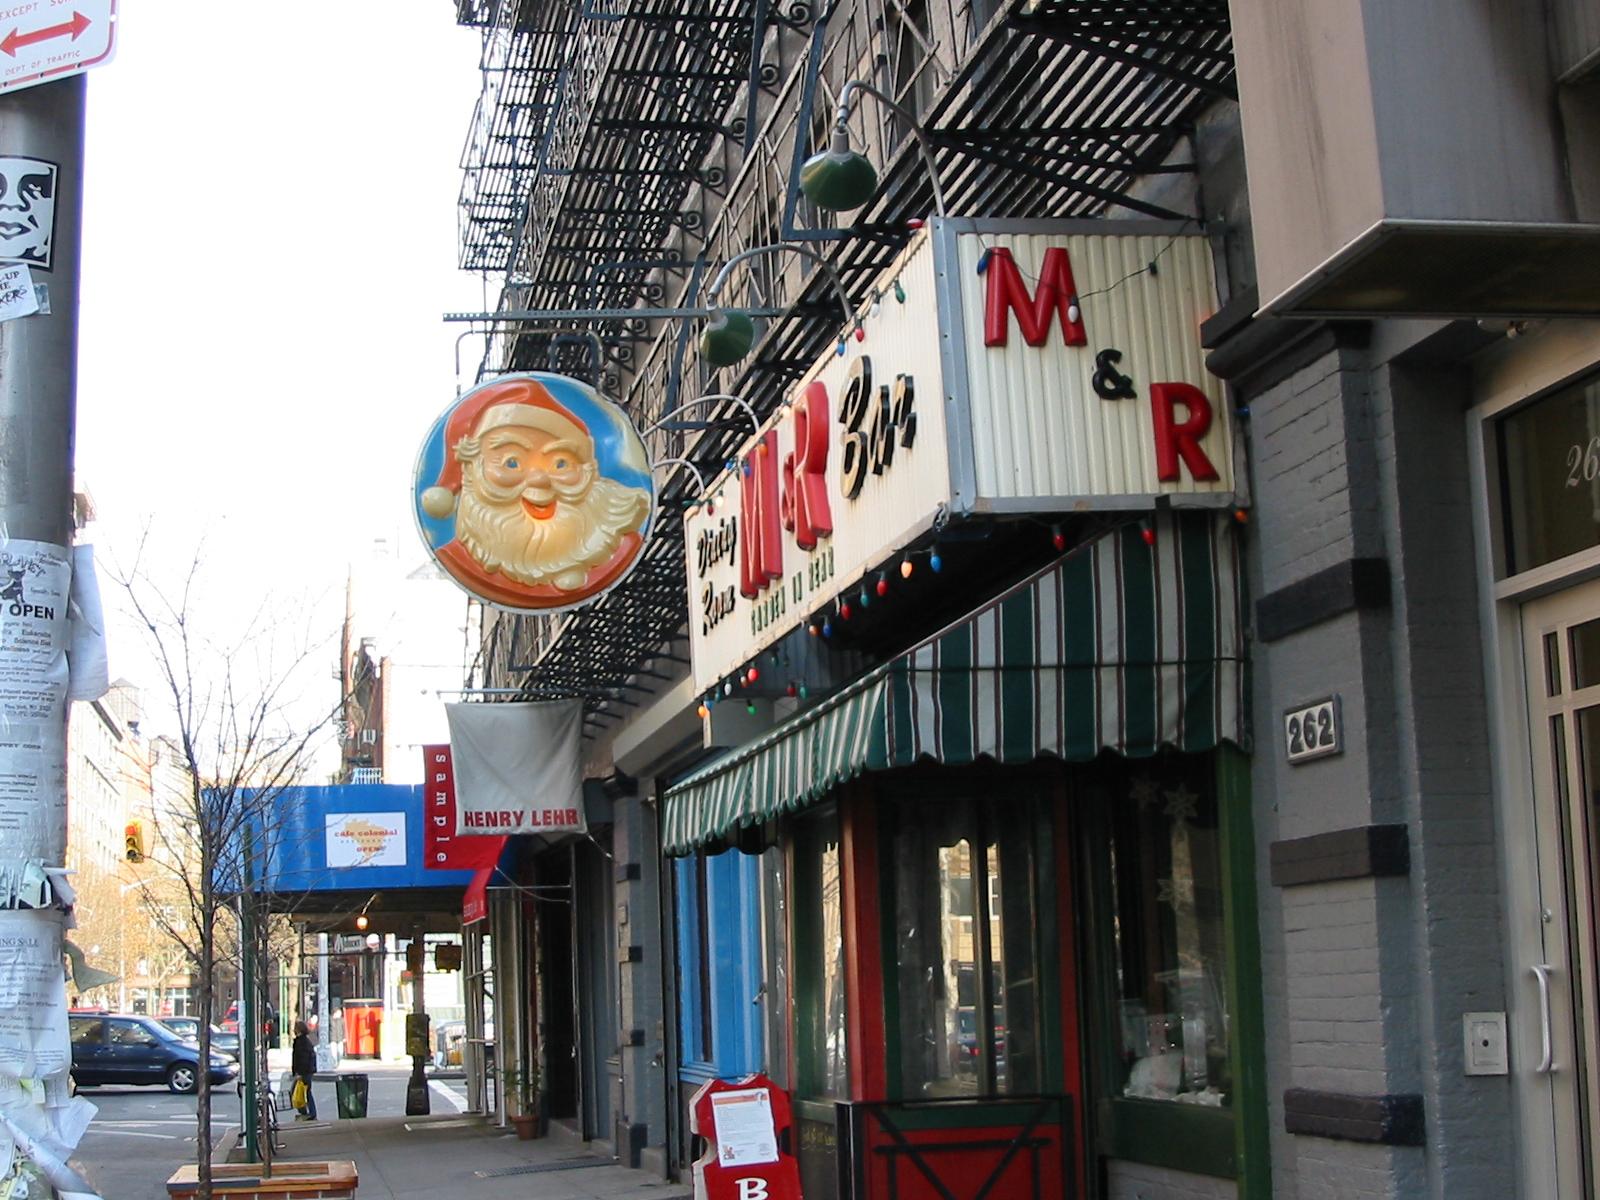 M&R Bar, 356 Bowery, New York City